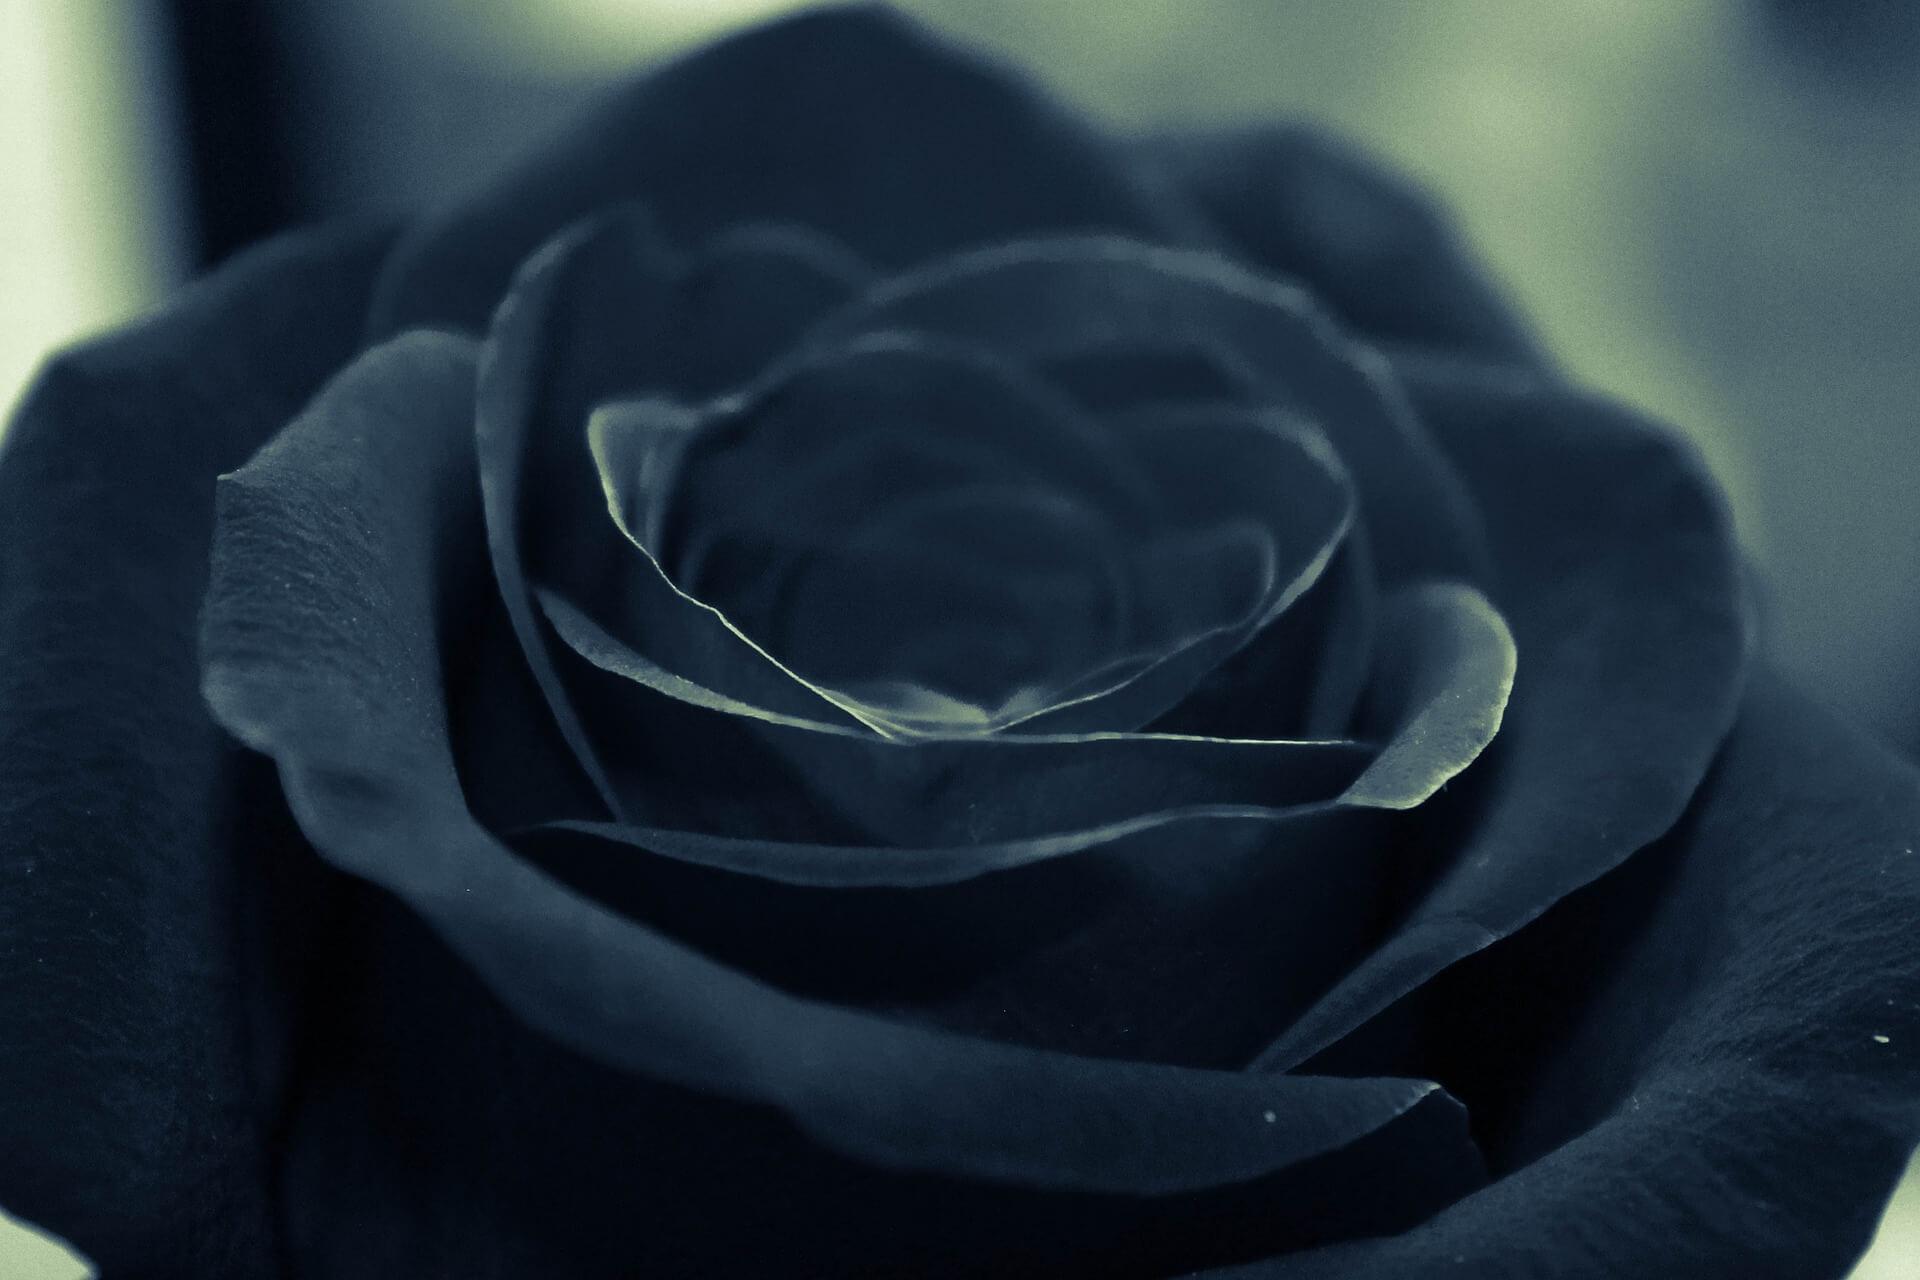 Foto Rosa de color Negro